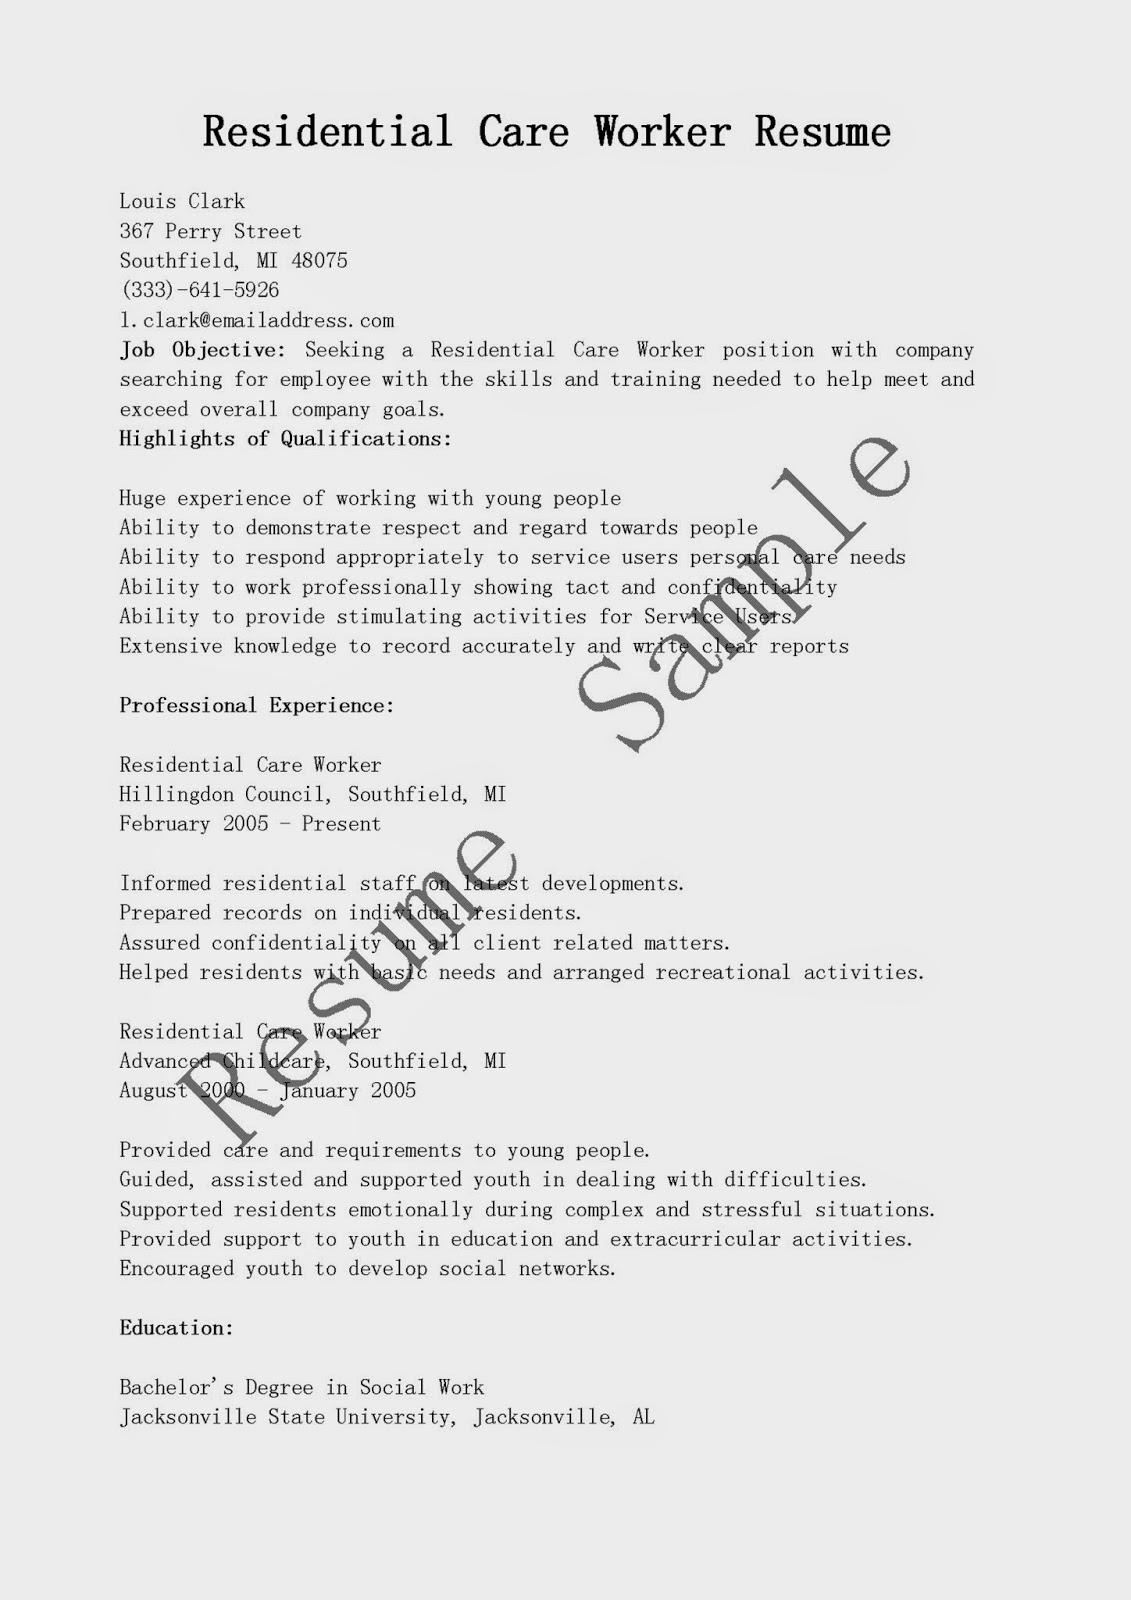 Settlement worker cover letter - 9+ Sample Social Work Cover ...